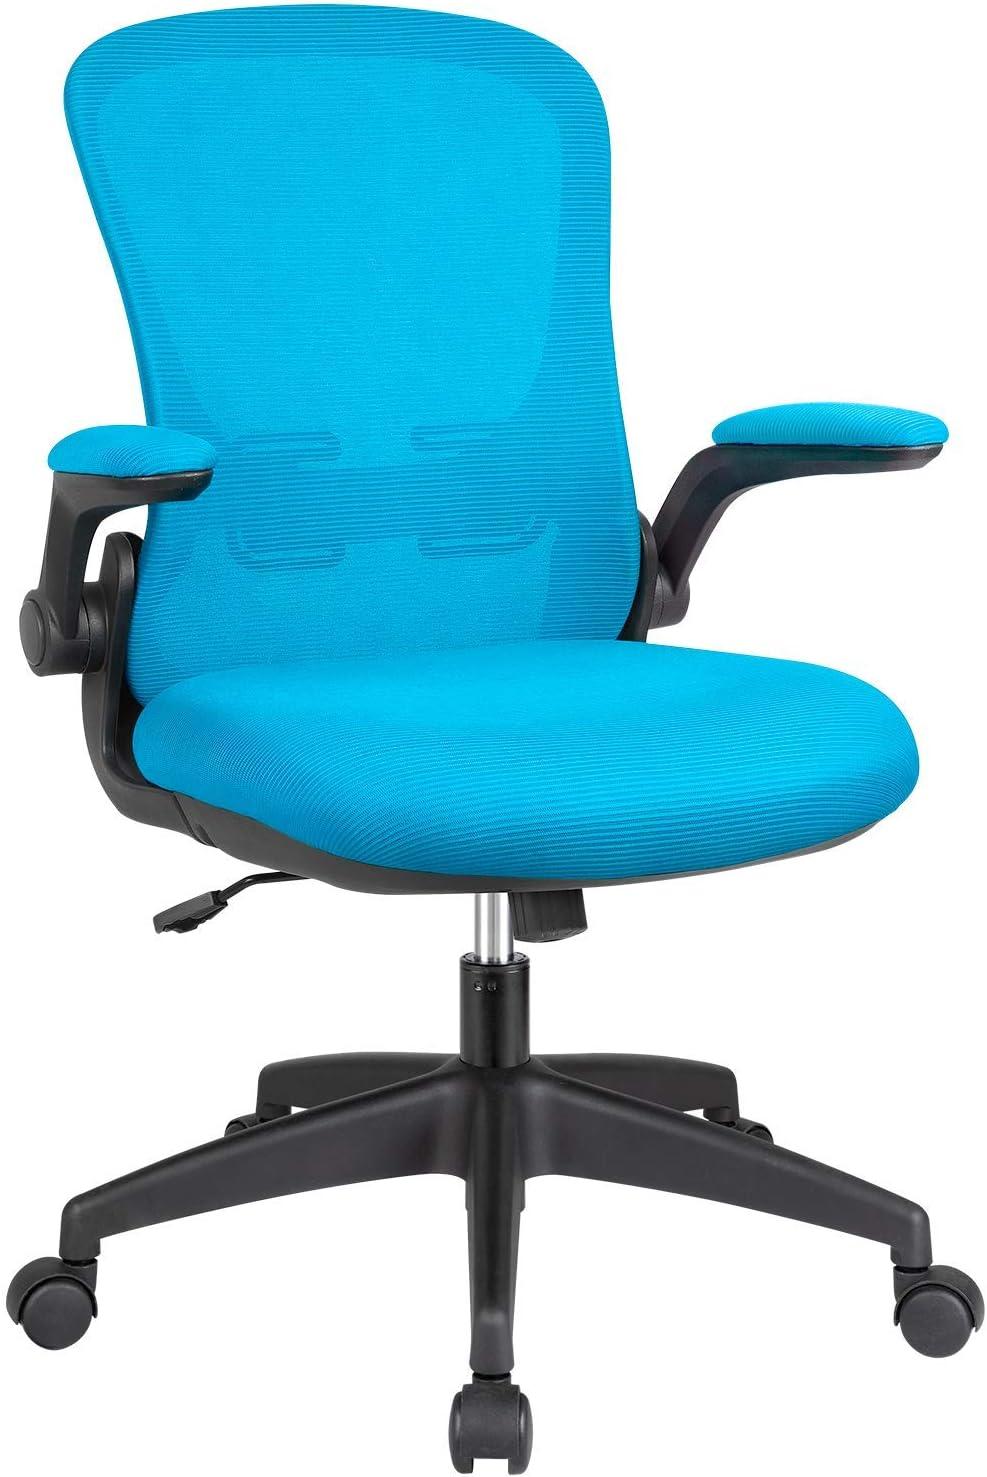 KaiMeng Office Computer Chair Ergonomic Desk Chair Mesh Task Chair Flip-up Arms Modern Executive Lumbar Support, Adjustable High Back Swivel Chair (Blue)